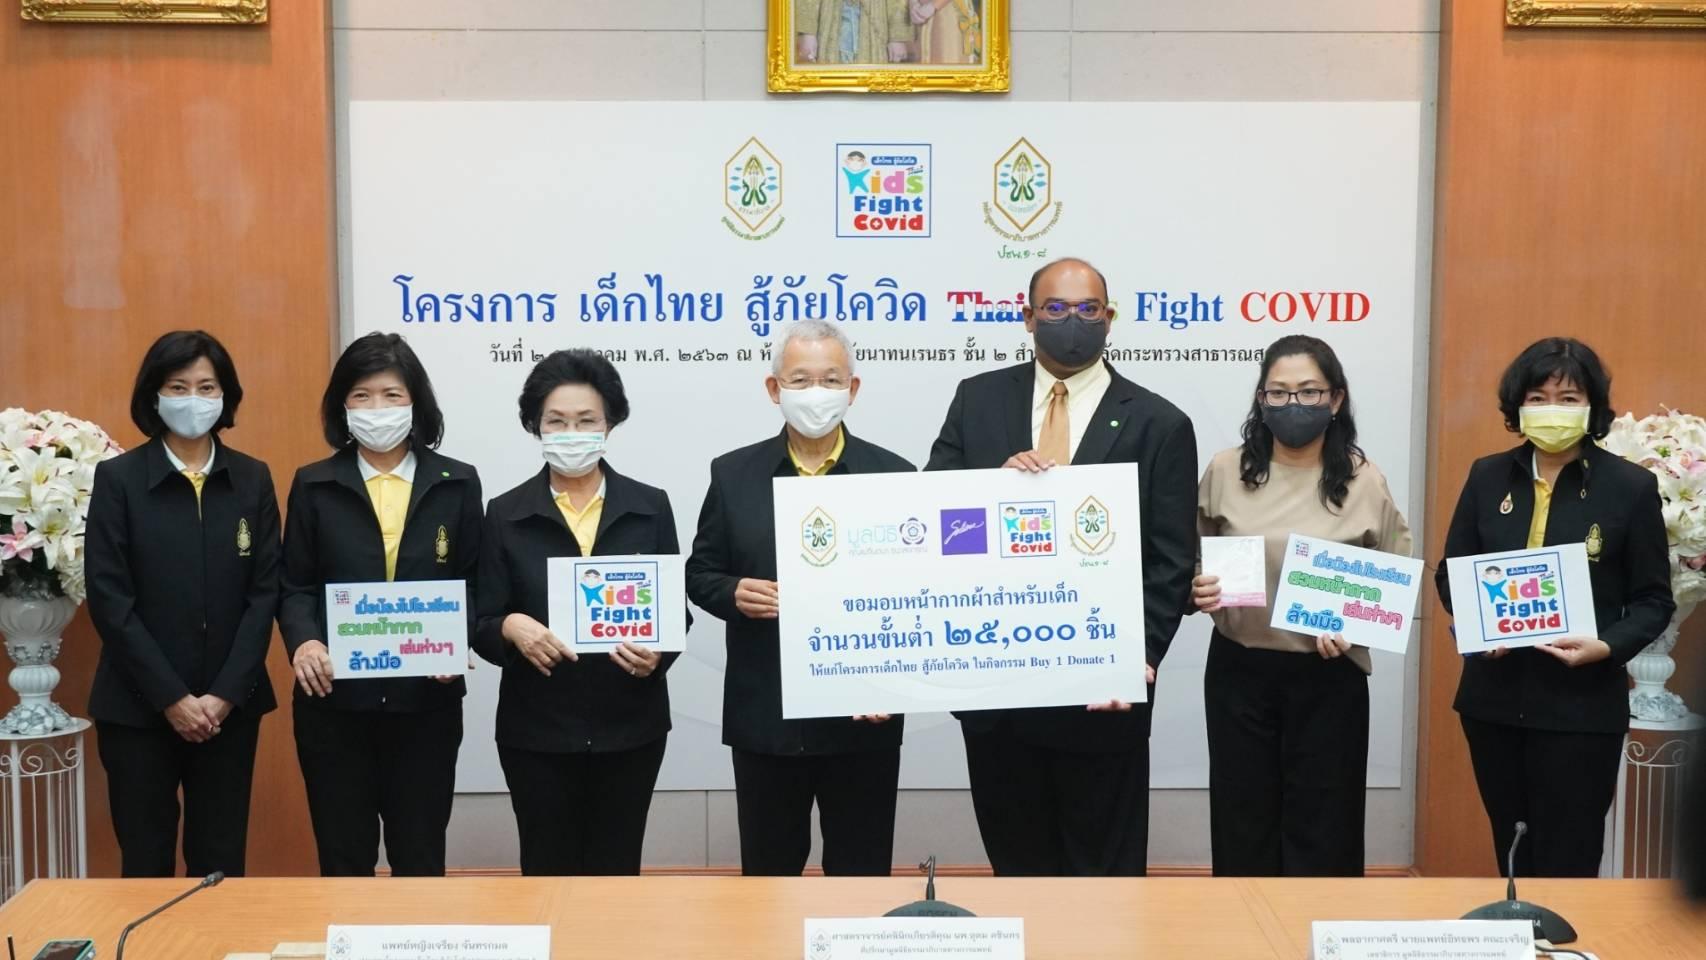 """ซาบีน่าร่วมโครงการเด็กไทยสู้ภัยโควิด Thai Kids Fight COVID (TKFC) """"จัดหาหน้ากากผ้าเพื่อน้องประถม""""มอบให้แก่โรงเรียนต่างๆที่ขาดแคลน โดยเฉพาะในถิ่นทุรกันดาร"""